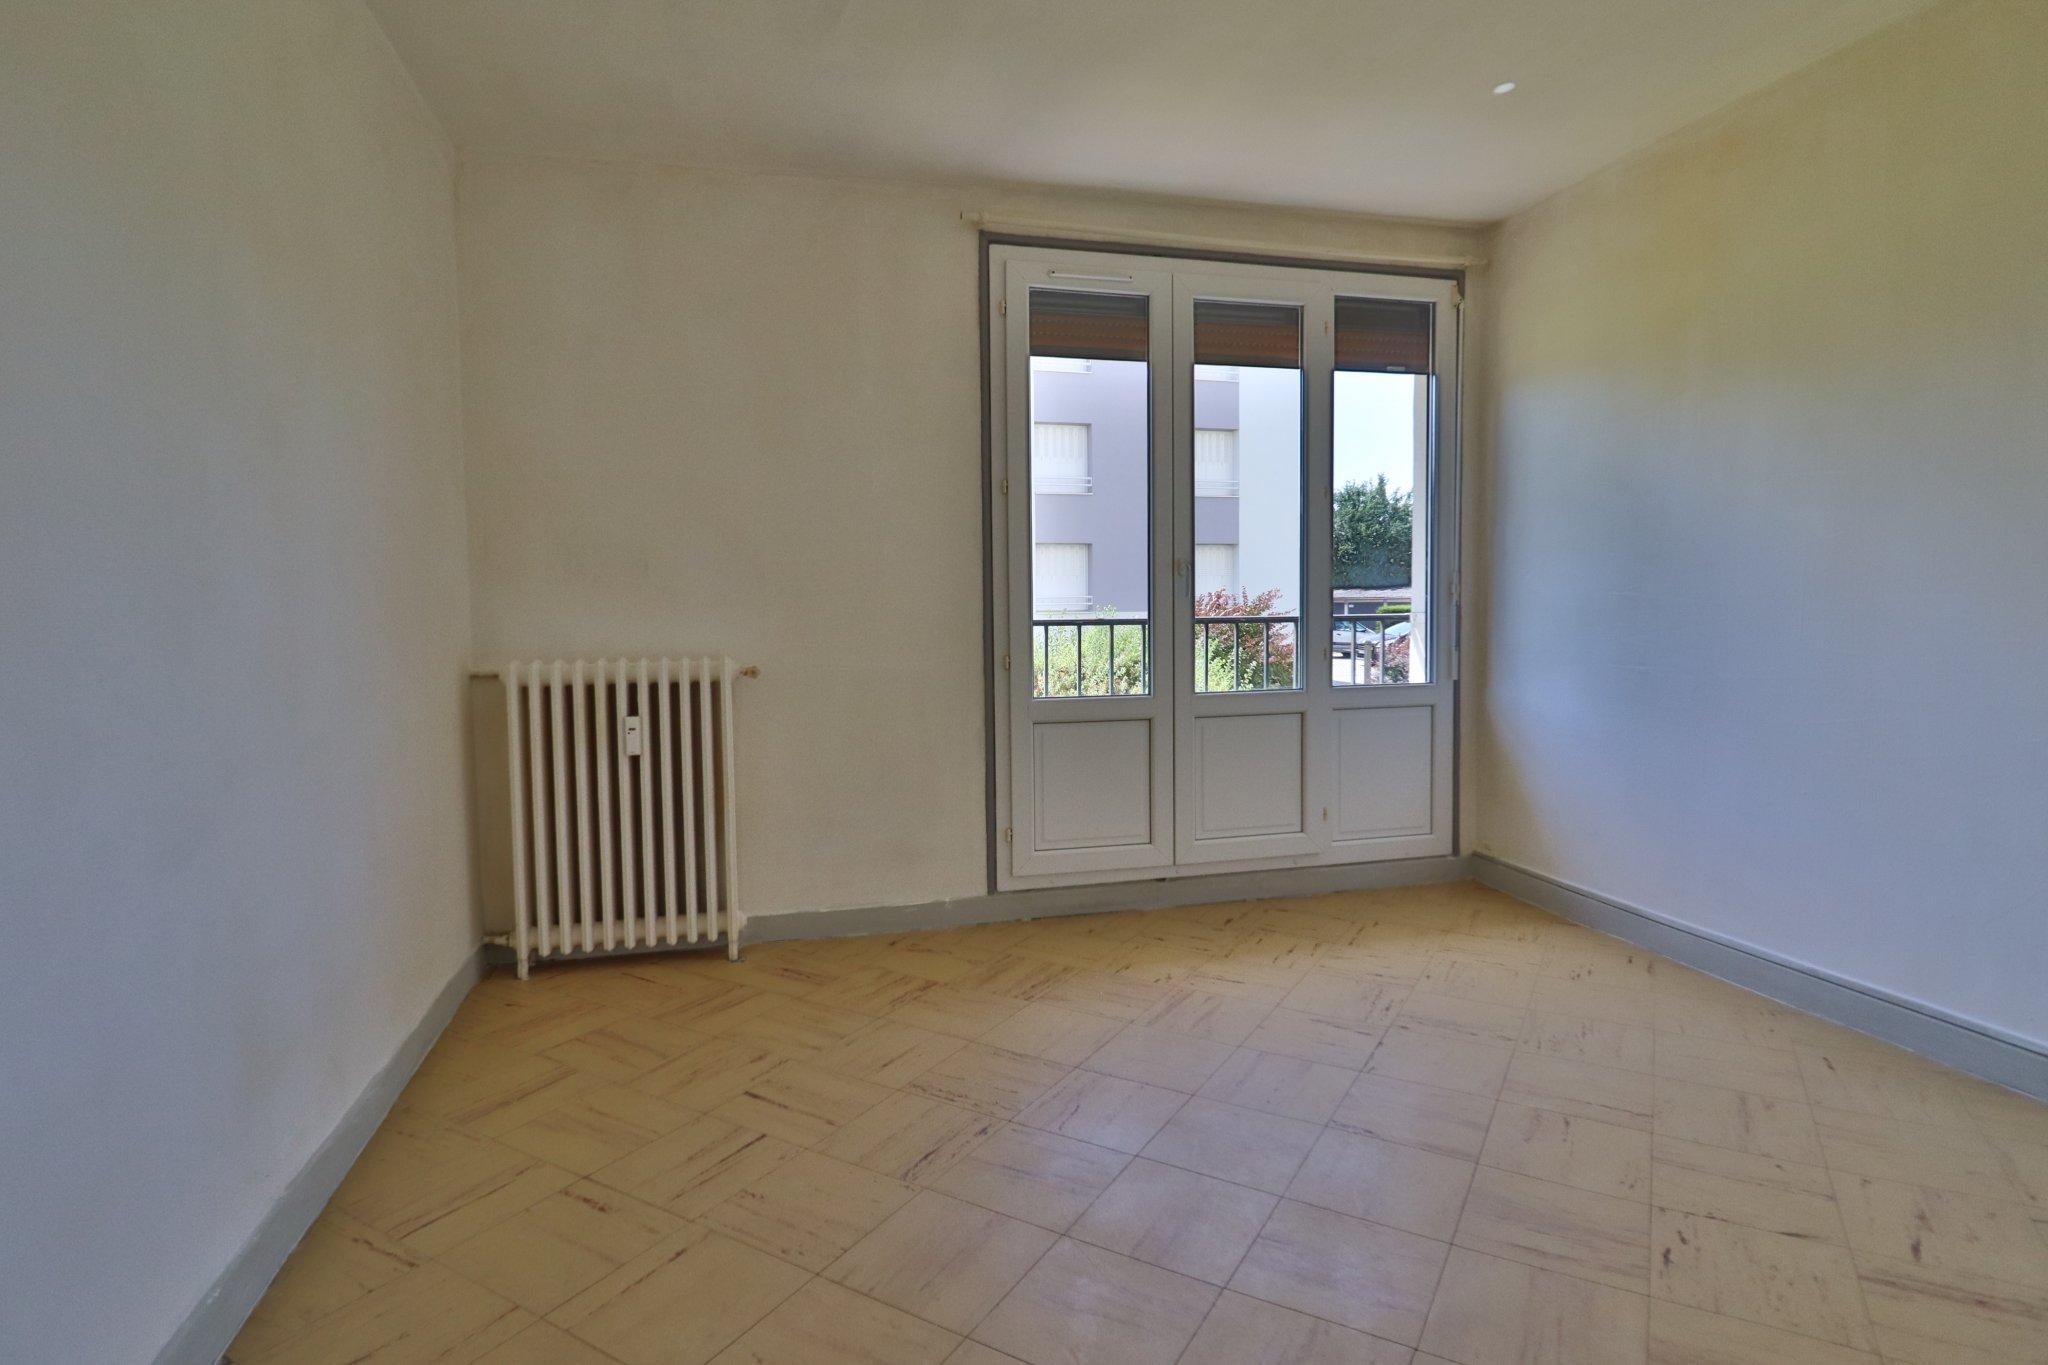 Damonte Achat appartement - Réf n° 1_19200